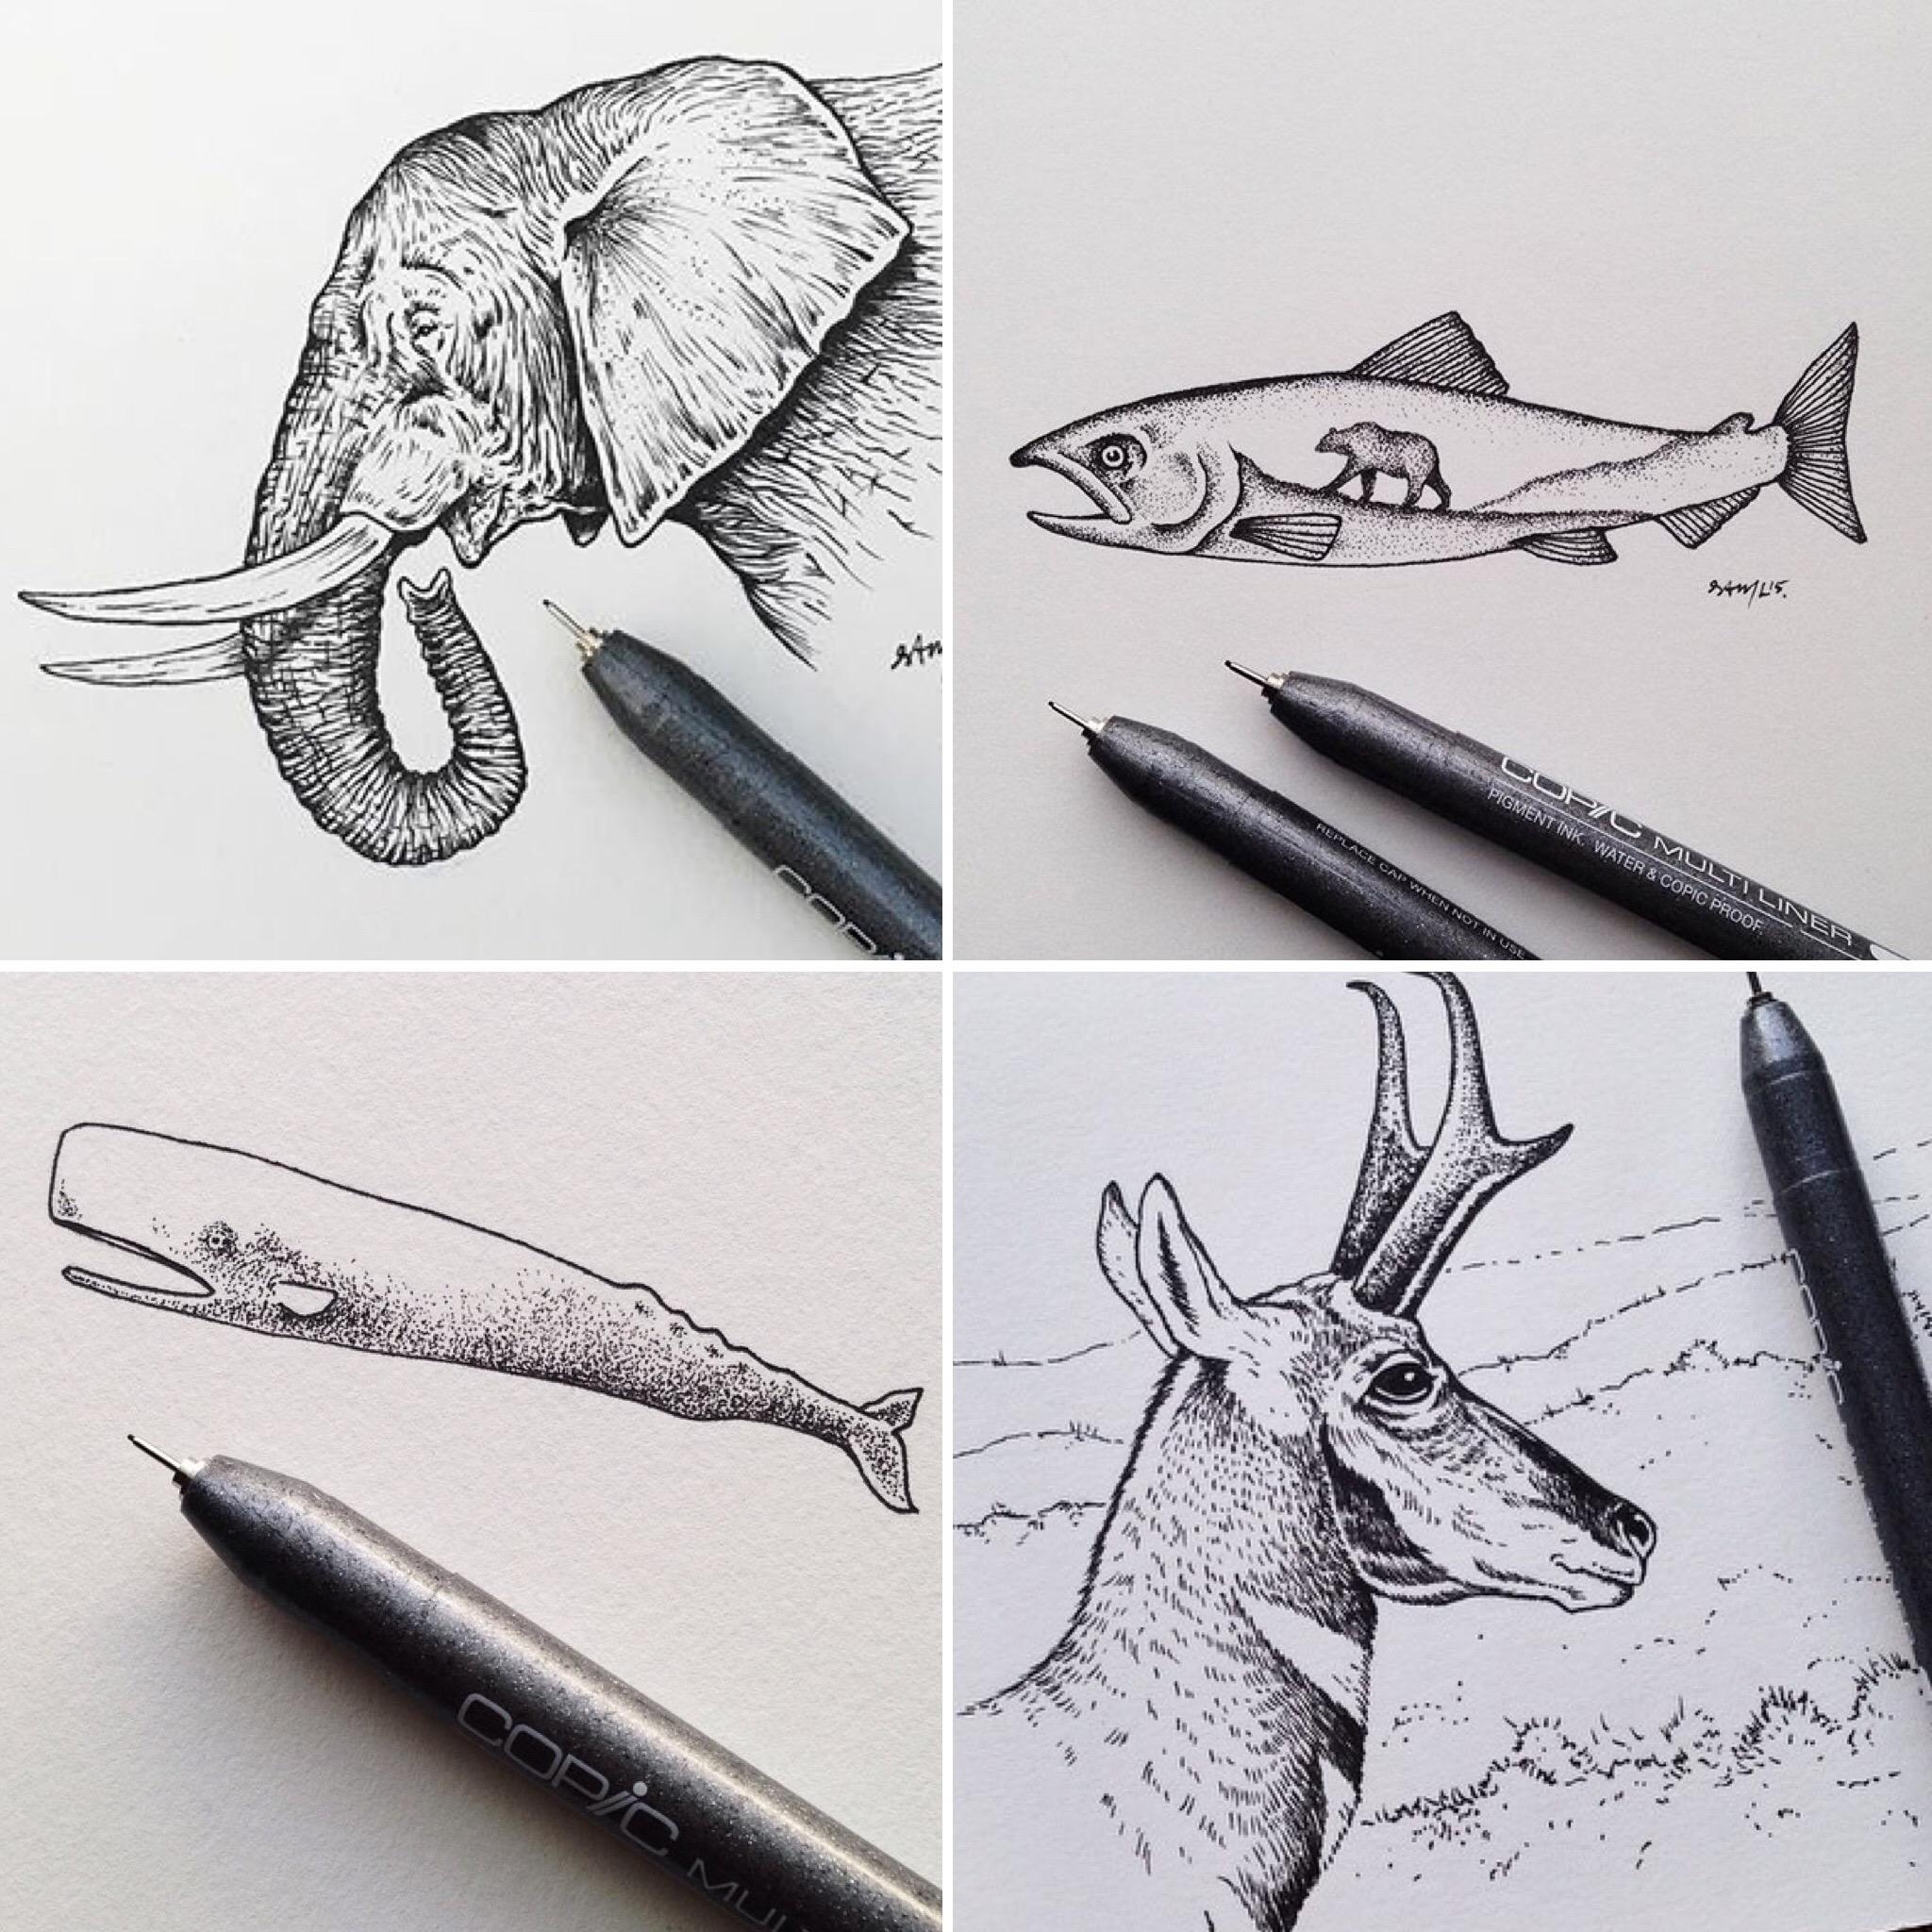 sam-larson-artist-illustrations